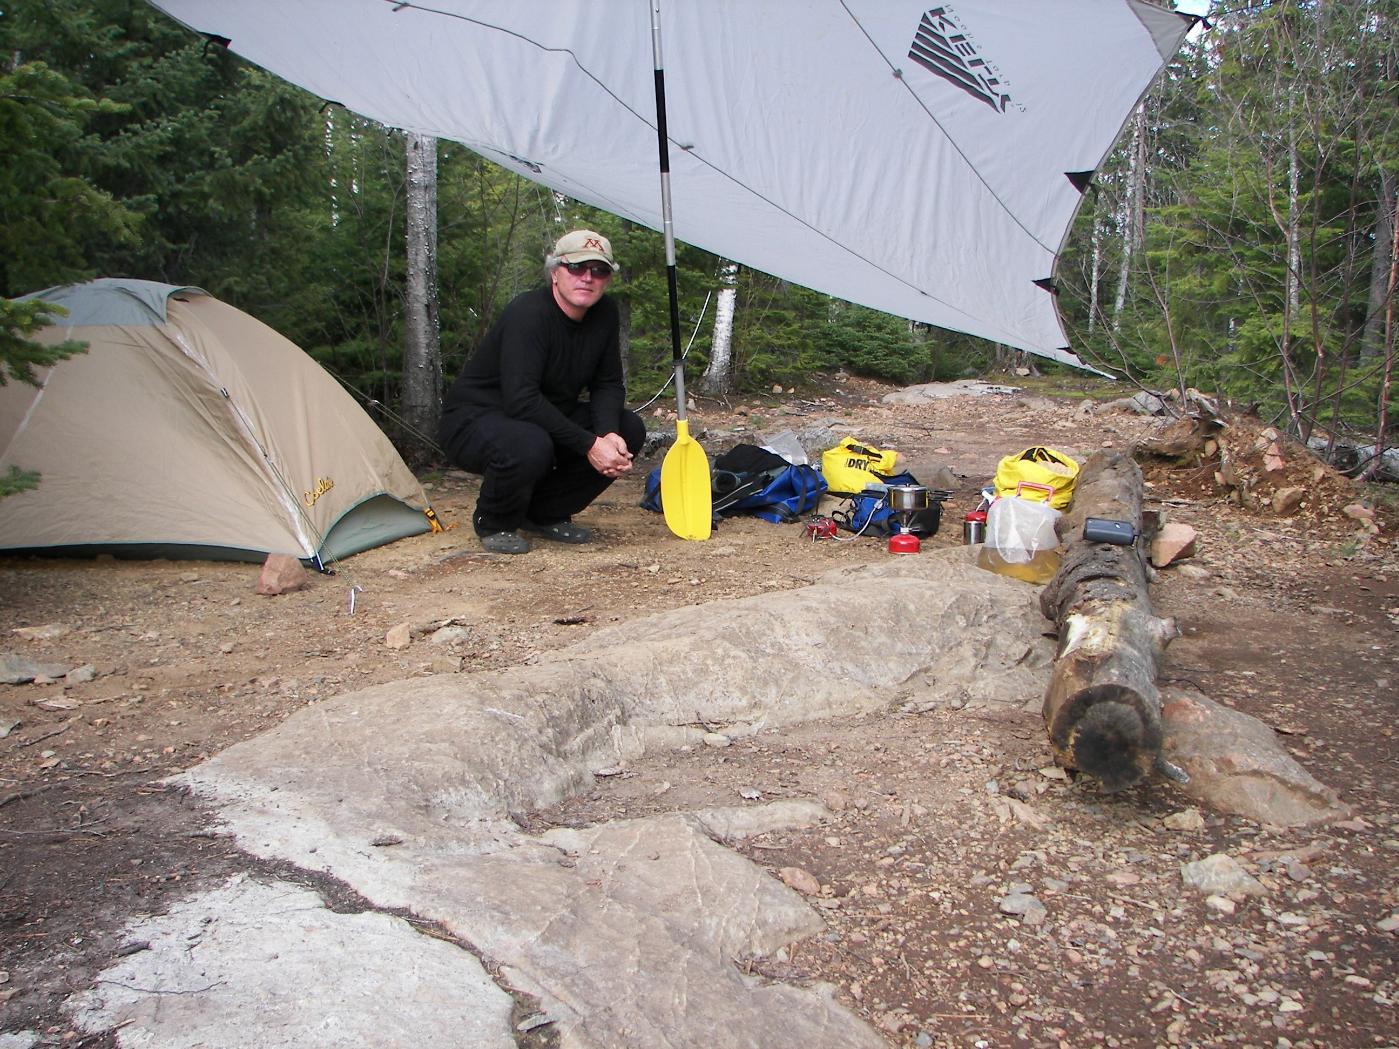 juno campsite